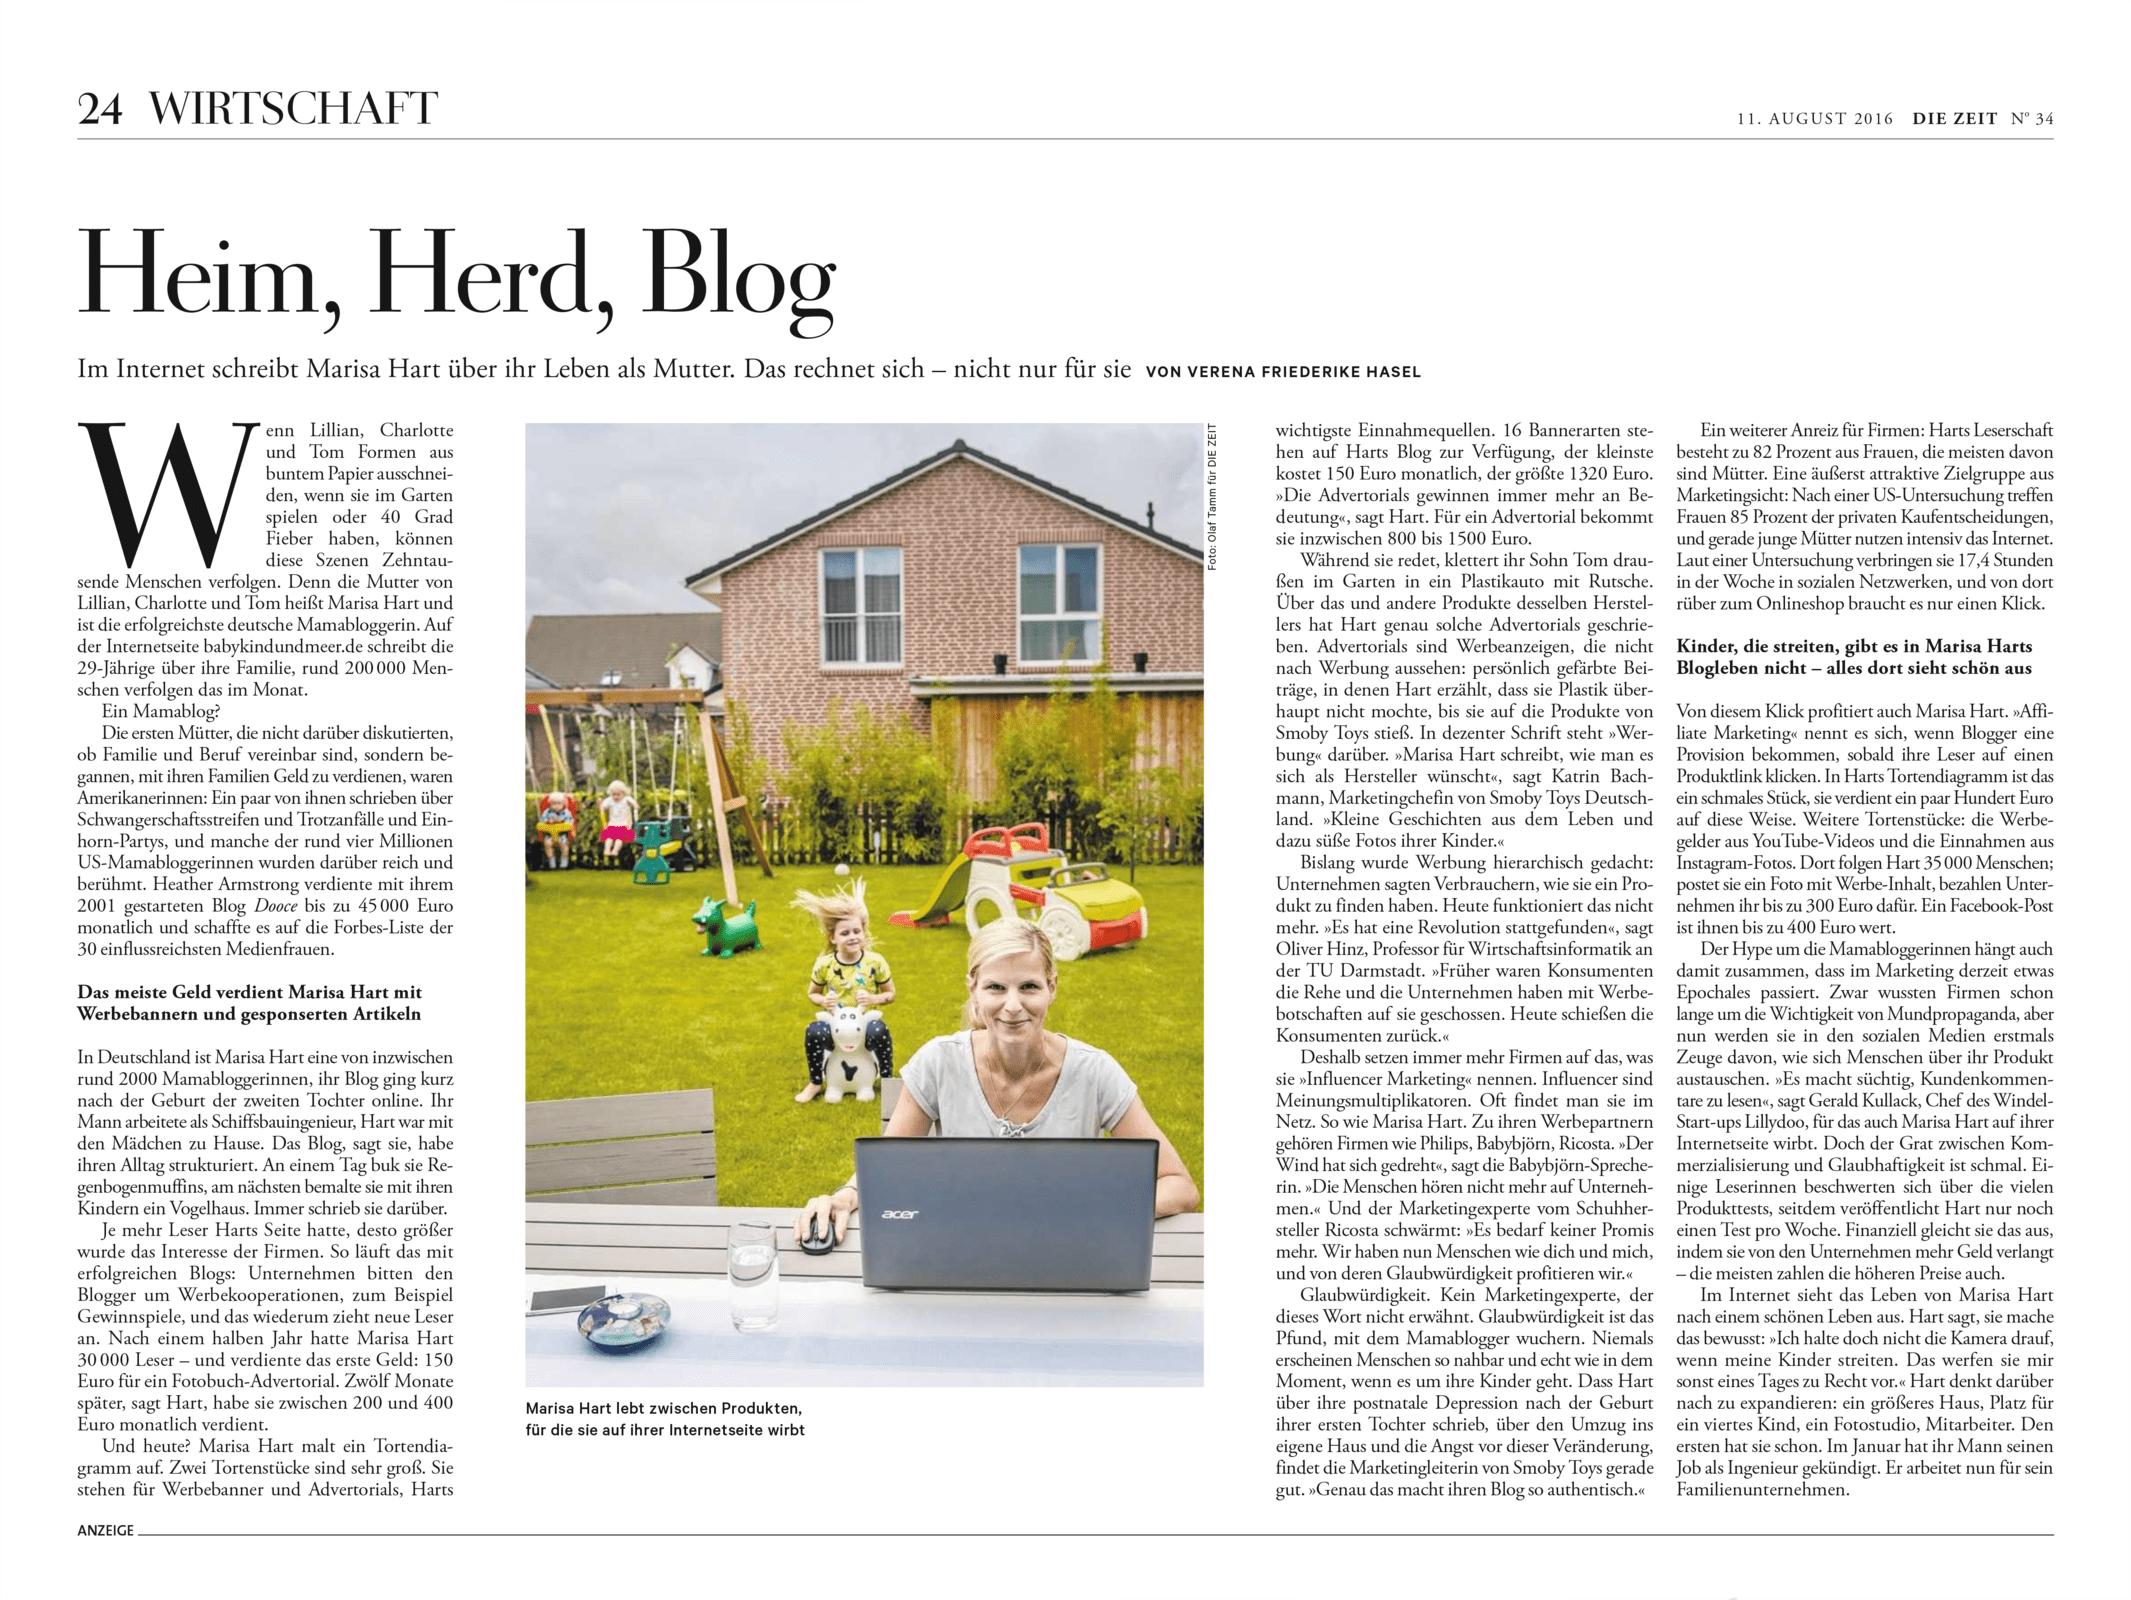 Die Zeit 20160811 Heim Herd Blog